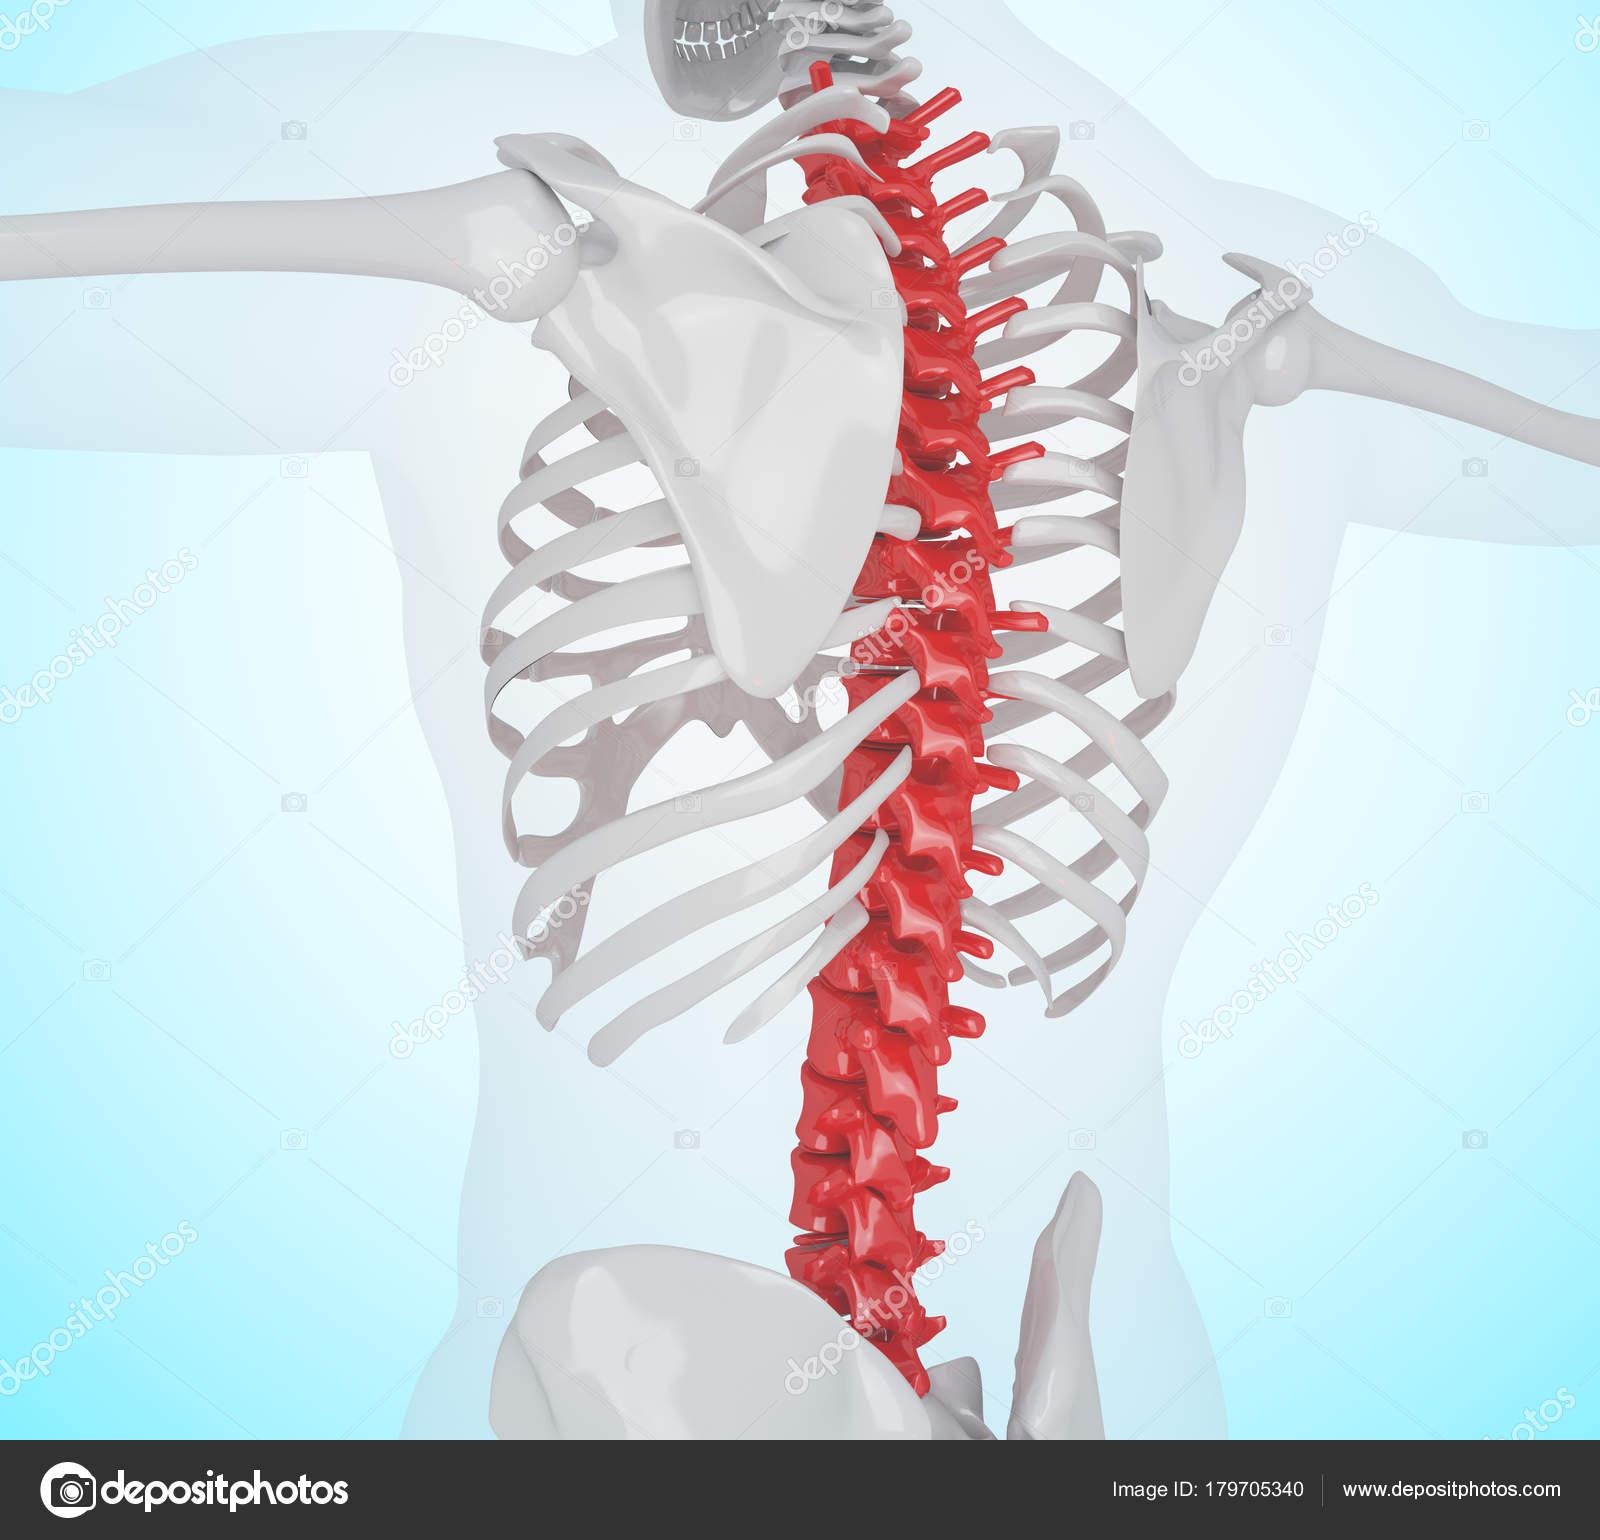 Ilustración 3D del esqueleto humano dolor de espalda — Foto de stock ...